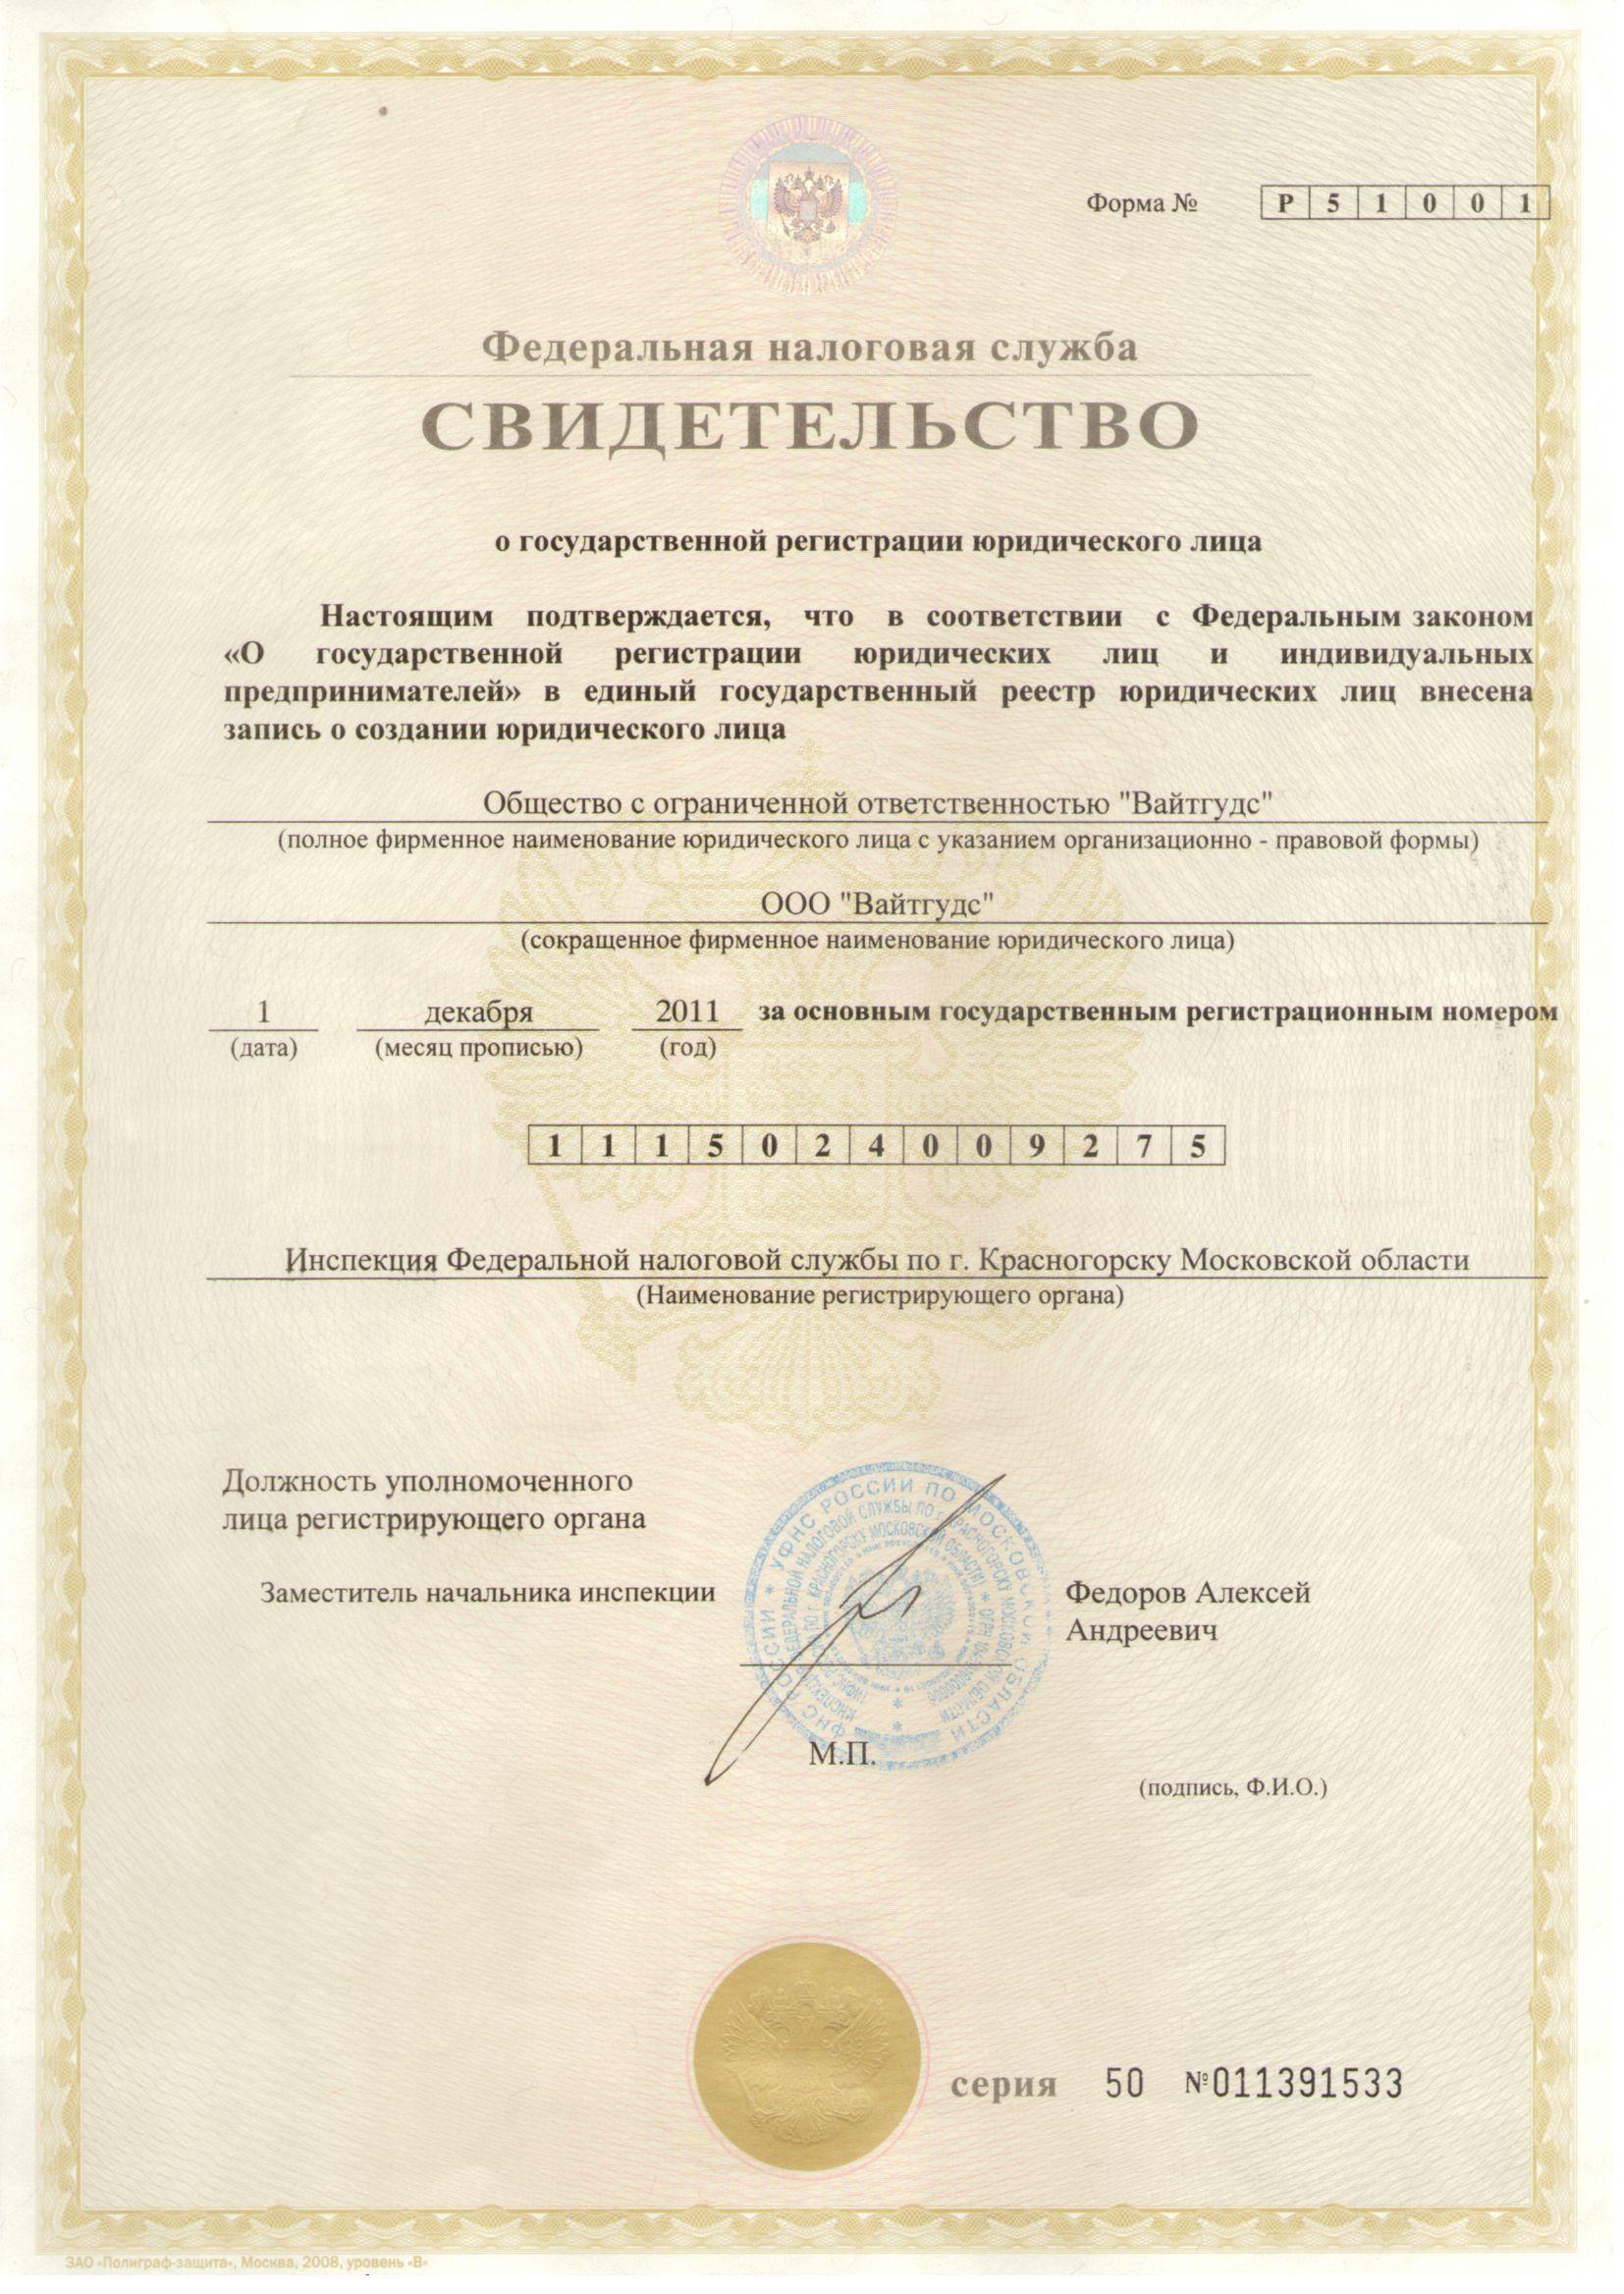 Свидетельство ОГРН ООО